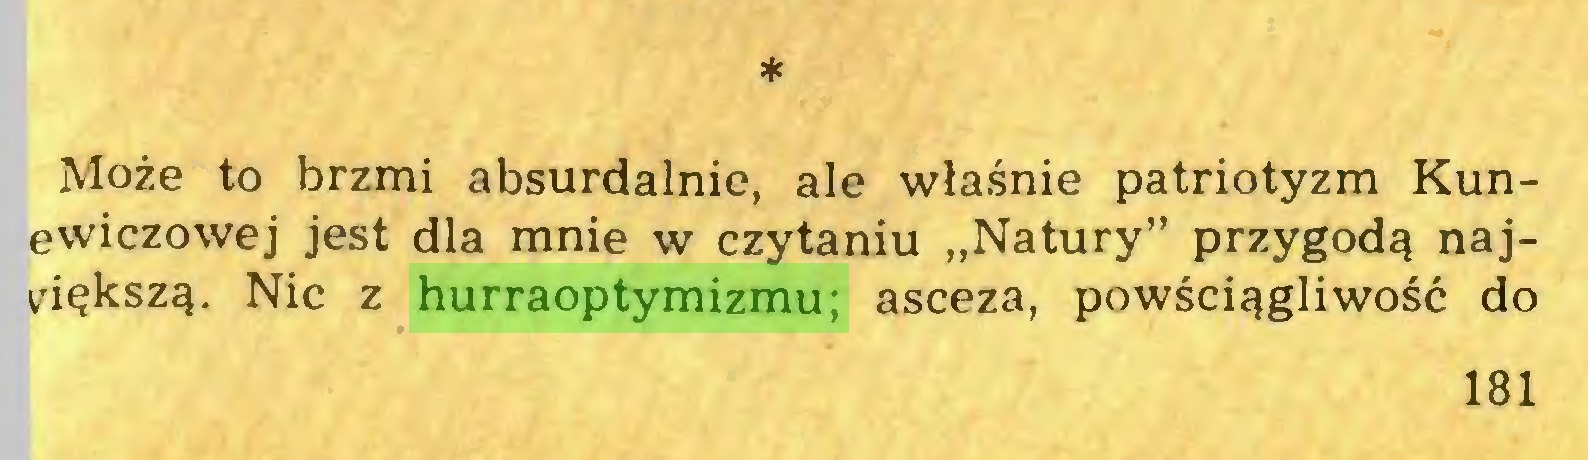 """(...) * Może to brzmi absurdalnie, ale właśnie patriotyzm Kunewiczowej jest dla mnie w czytaniu """"Natury"""" przygodą najmiększą. Nic z hurraoptymizmu; asceza, powściągliwość do 181..."""